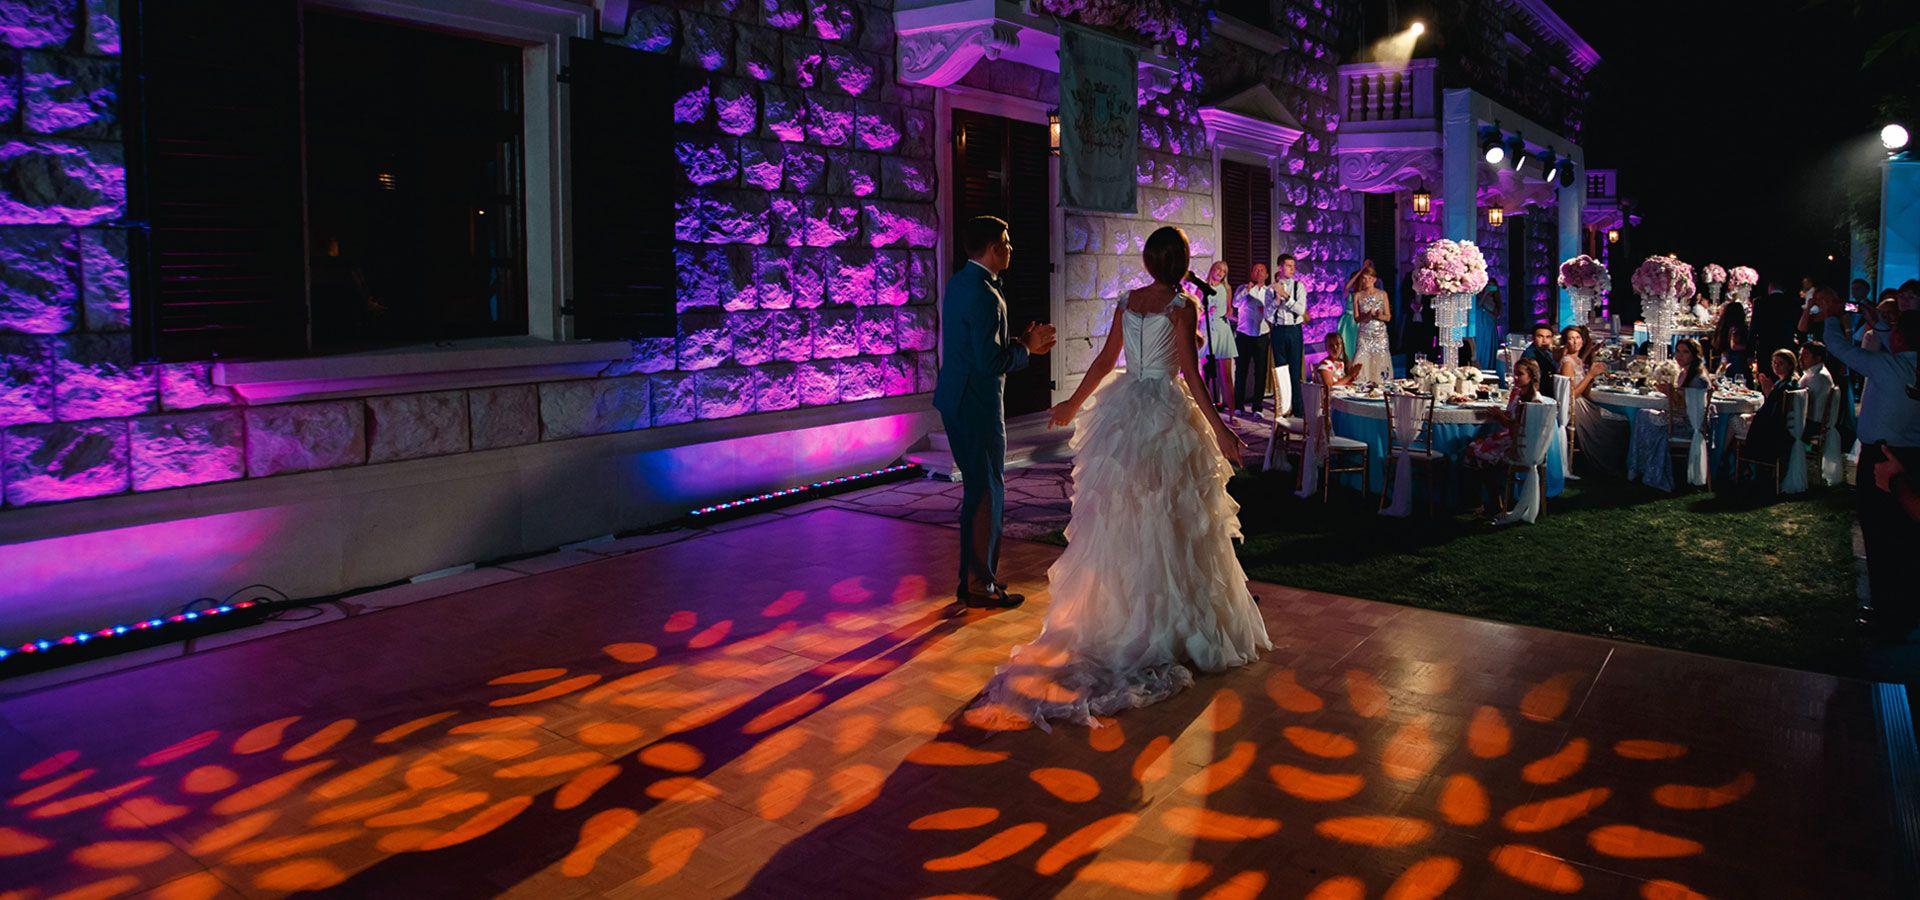 Организатор Варвара Перегудова: световое оборудование на свадьбе фото 18